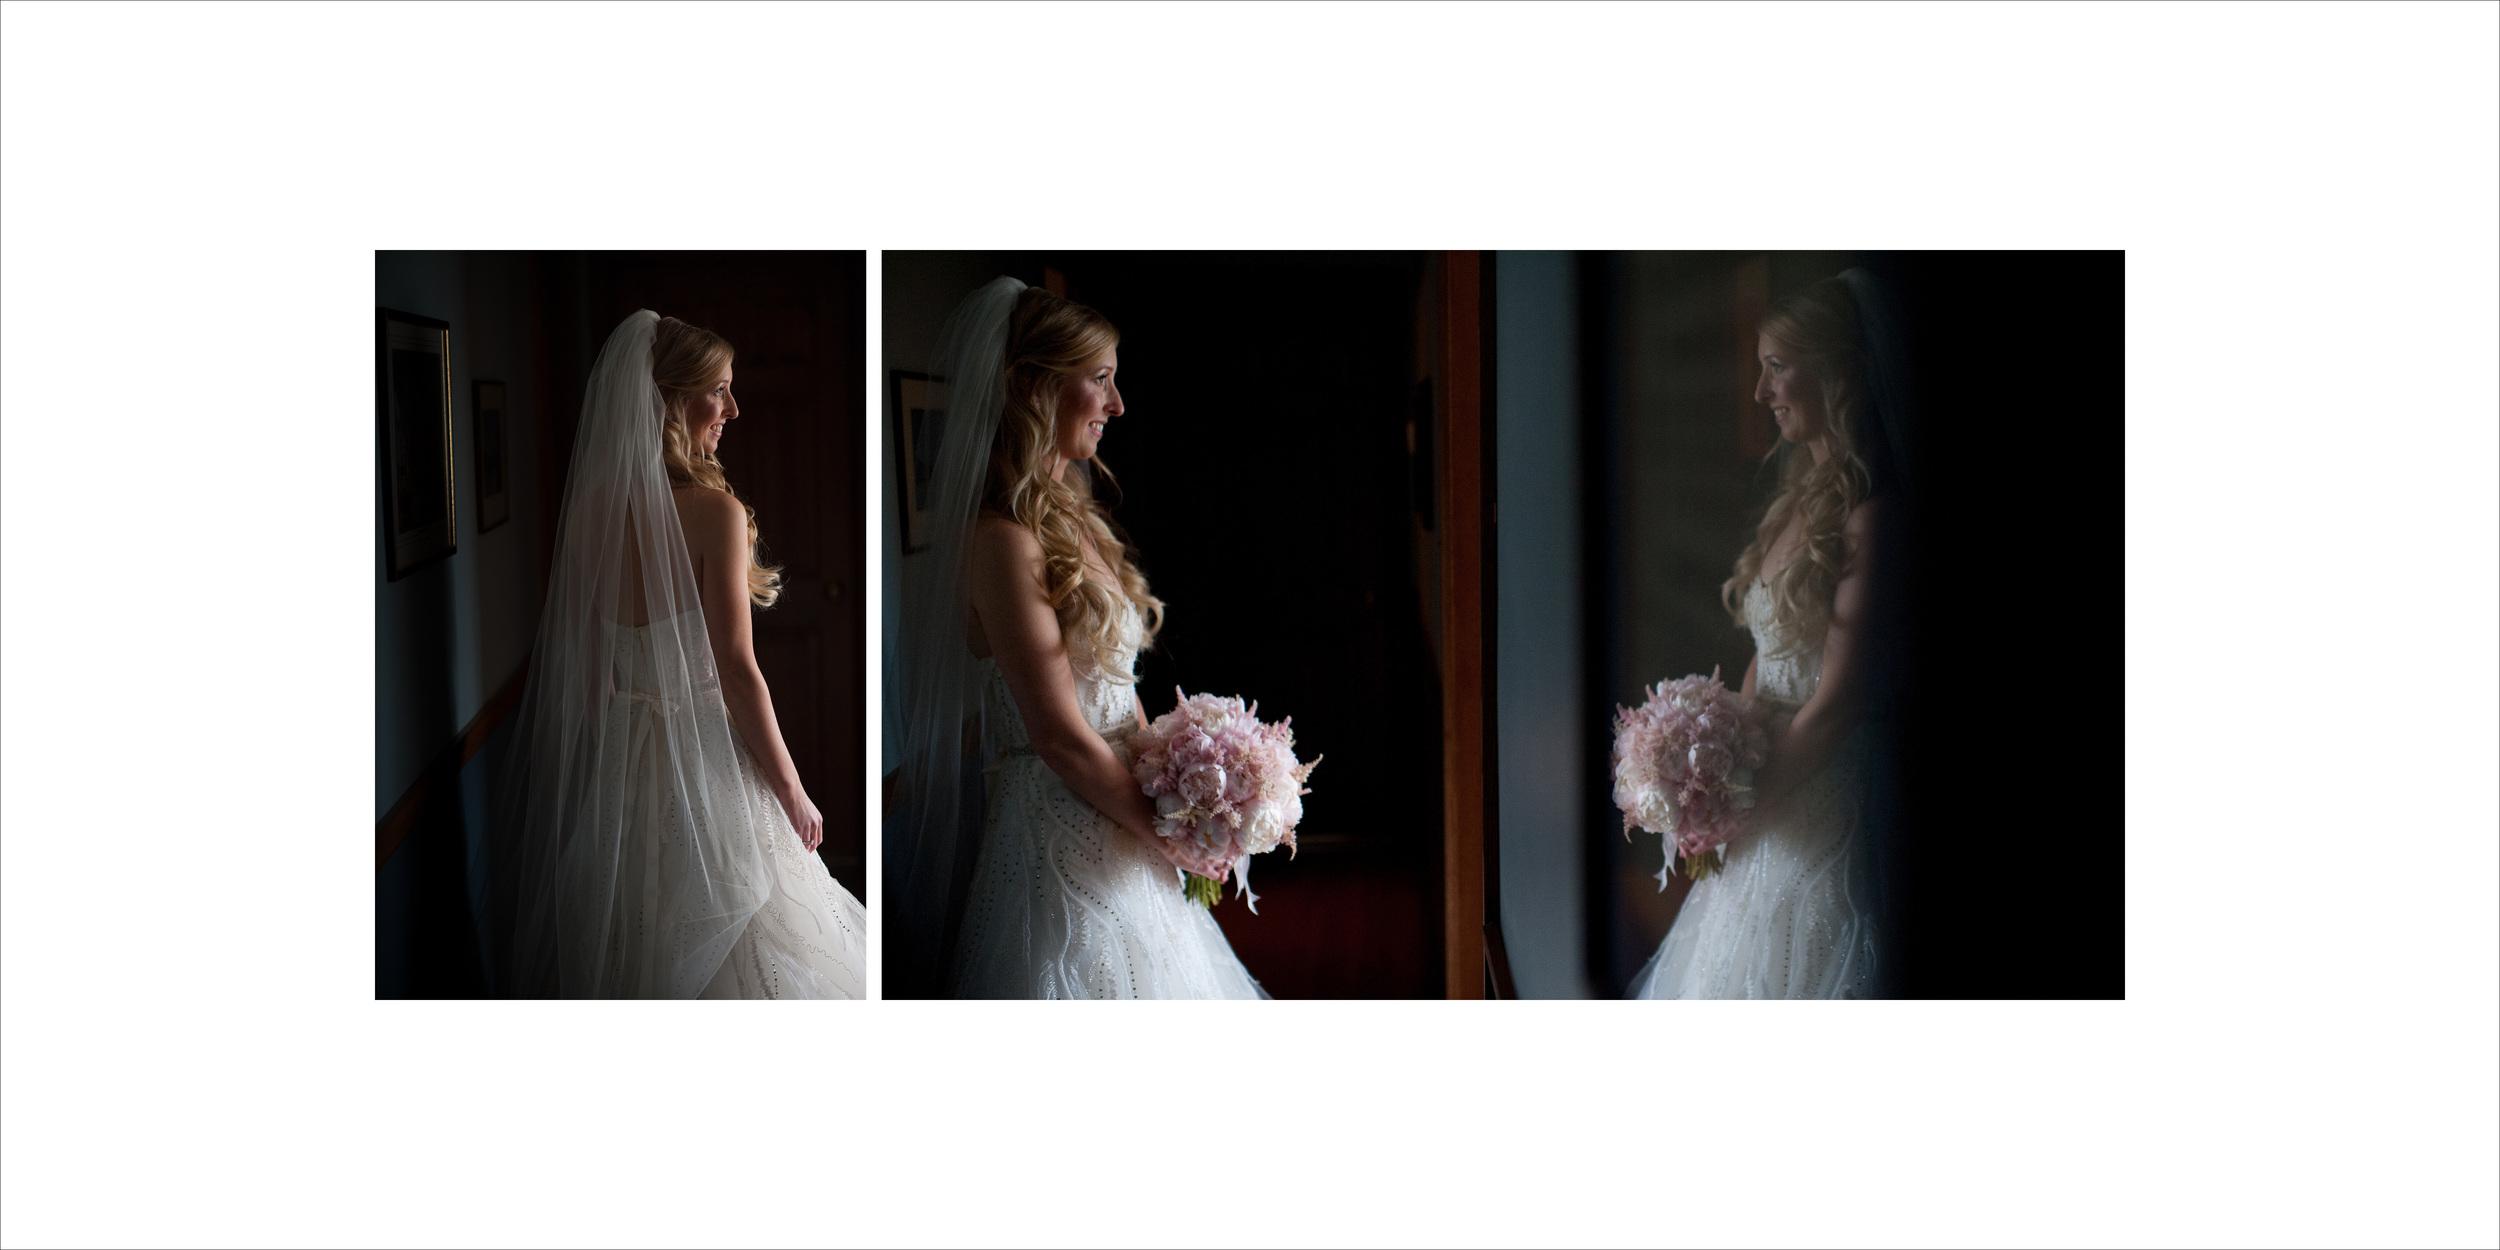 fermenting-cellar-wedding_05.JPG